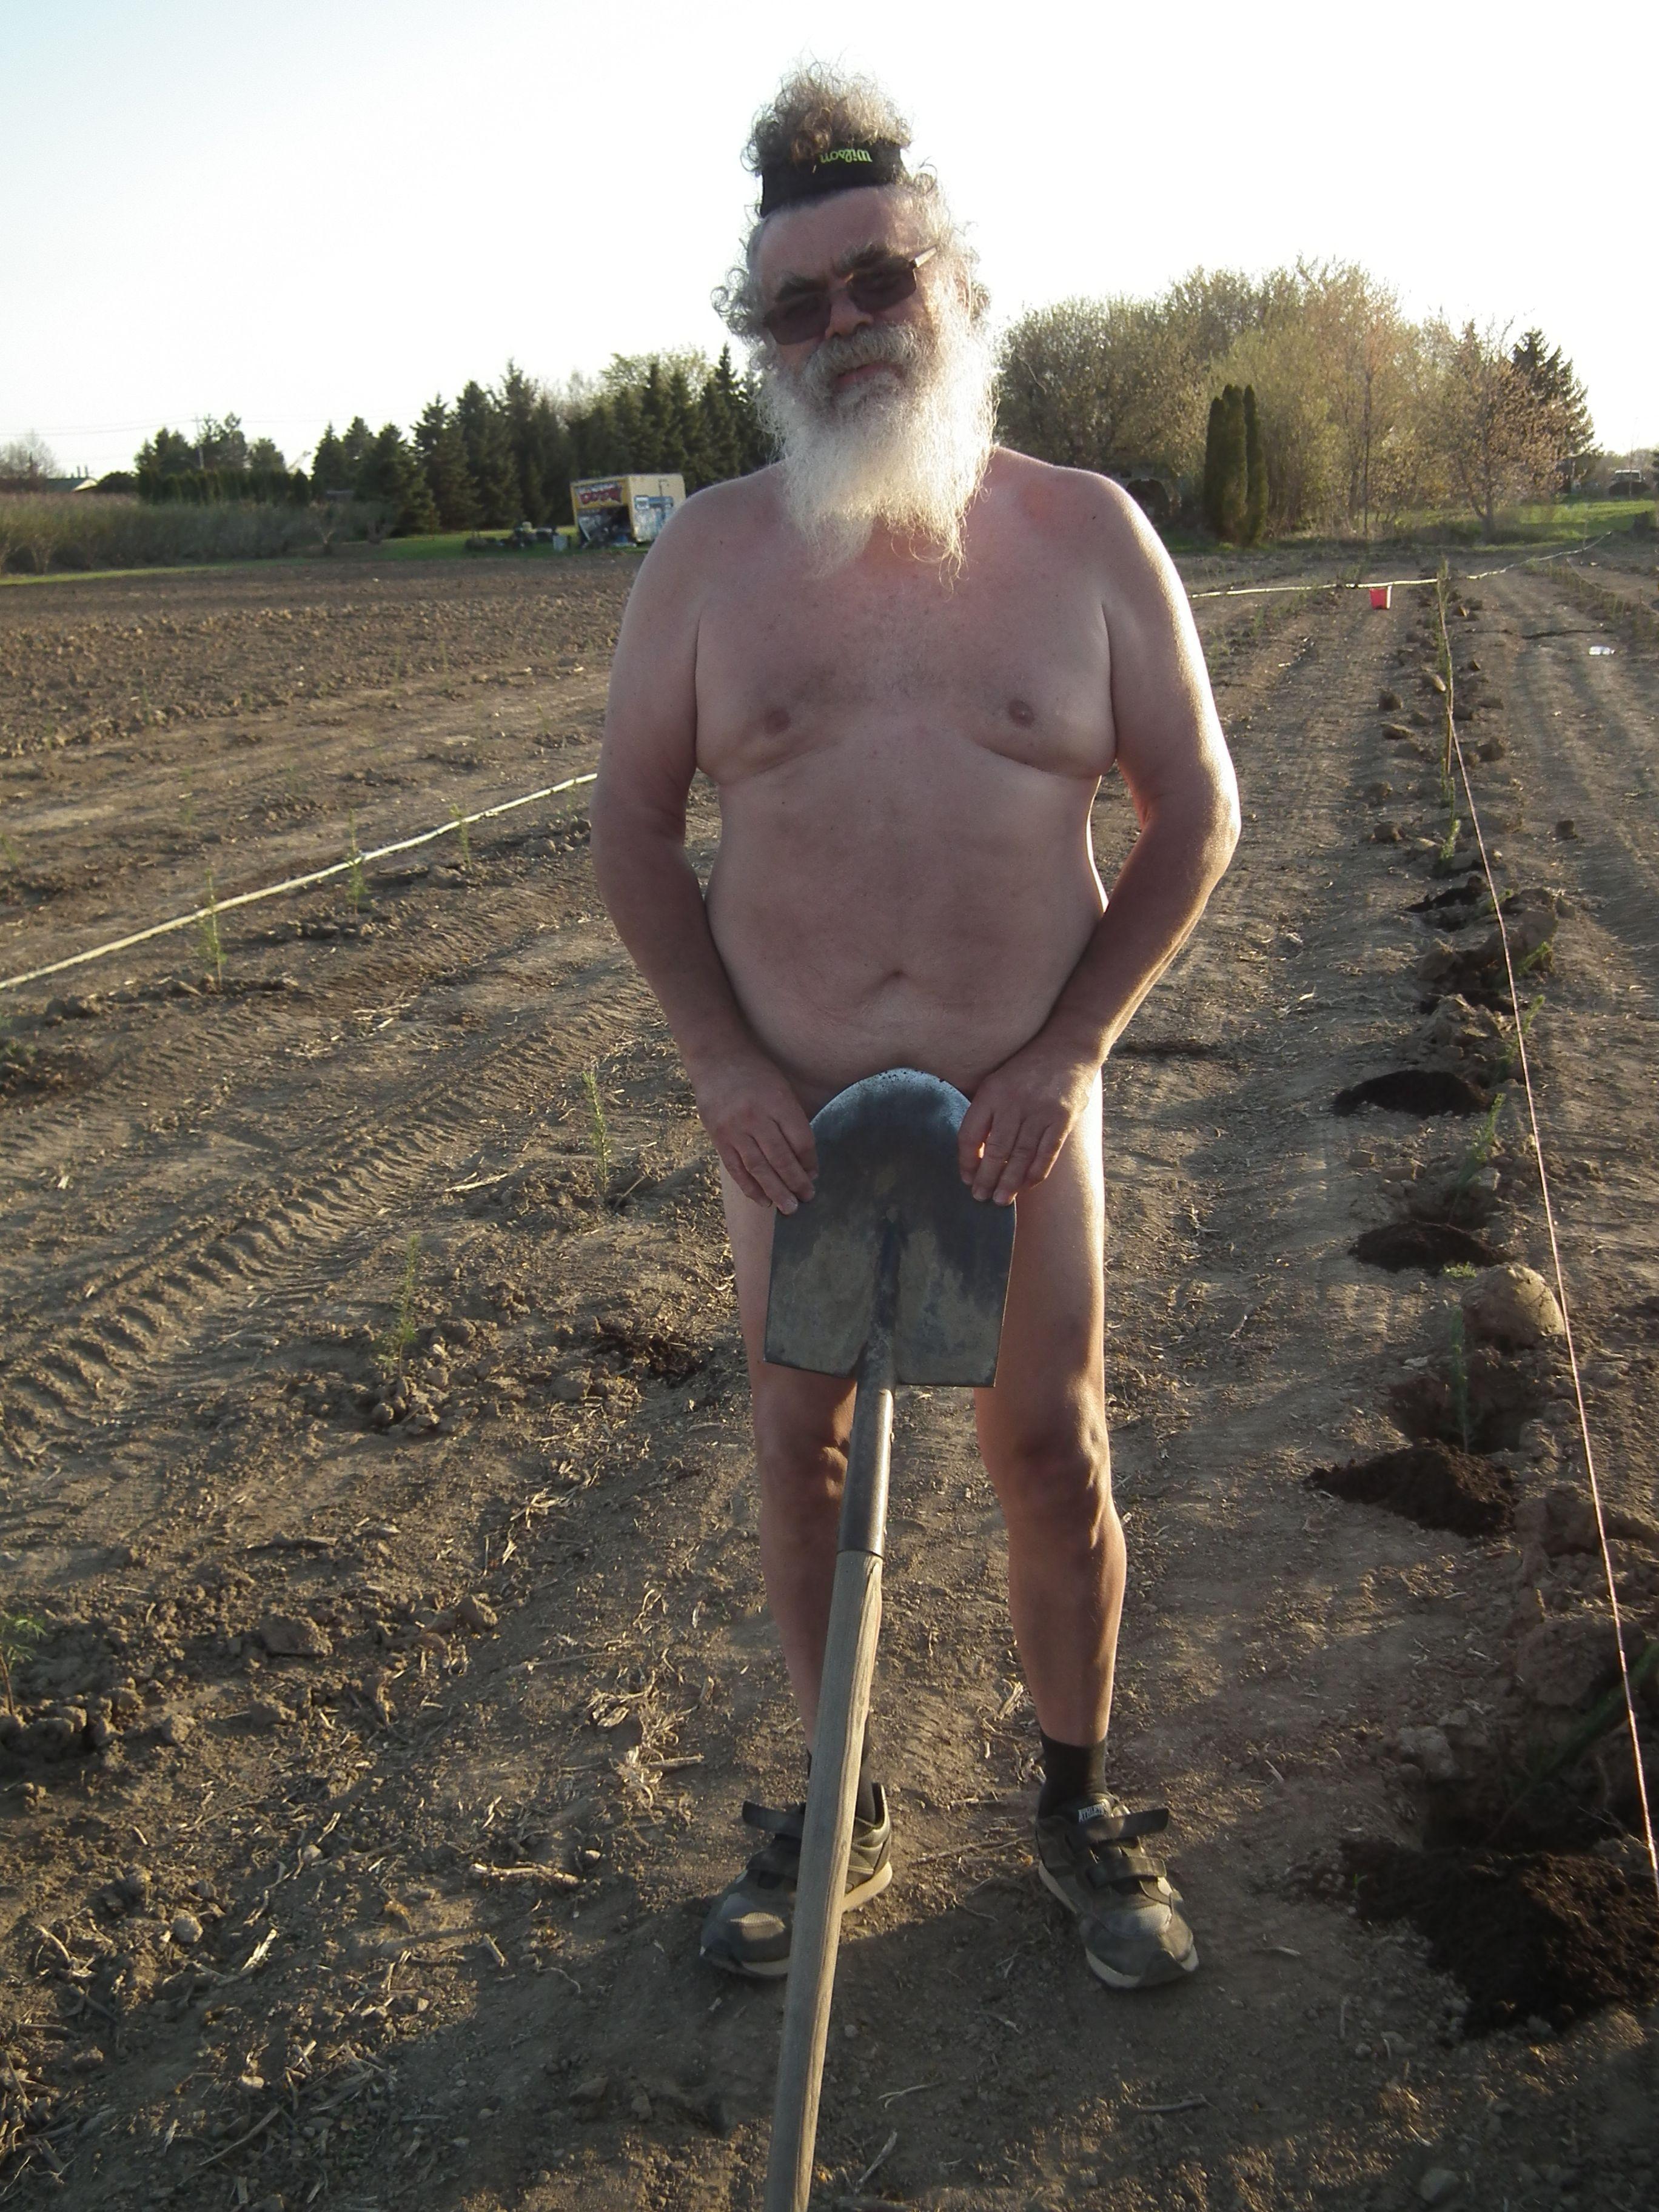 Pin On World Naked Gardening Day